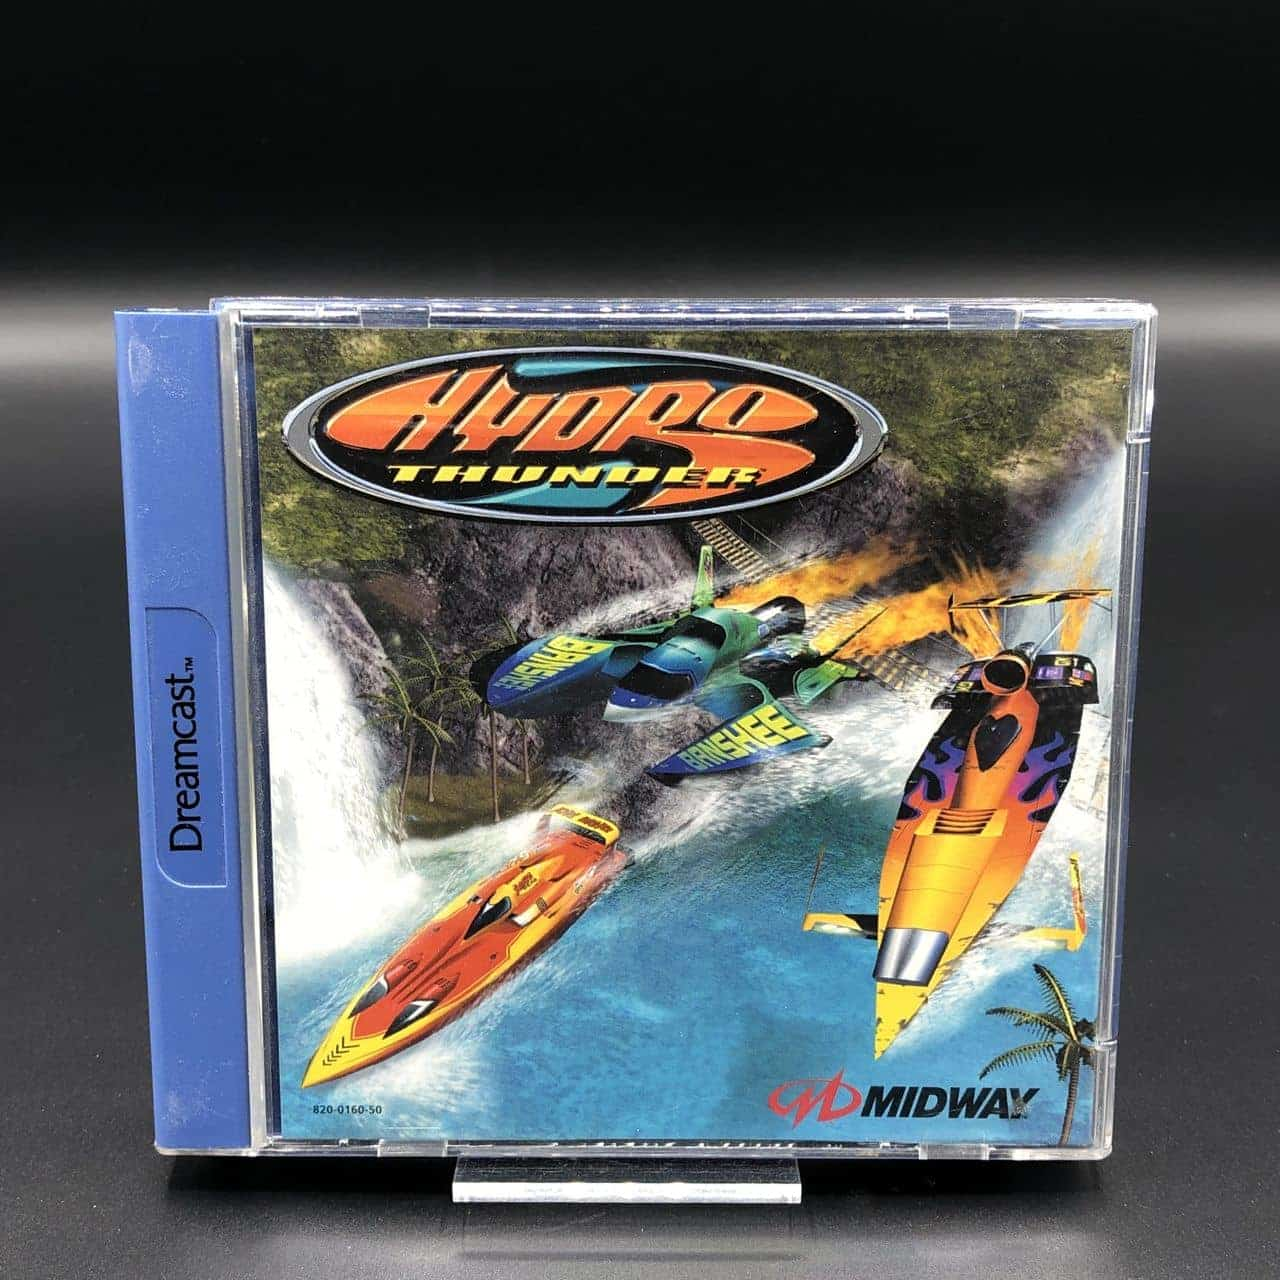 Hydro Thunder (Komplett) (Sehr gut) Sega Dreamcast